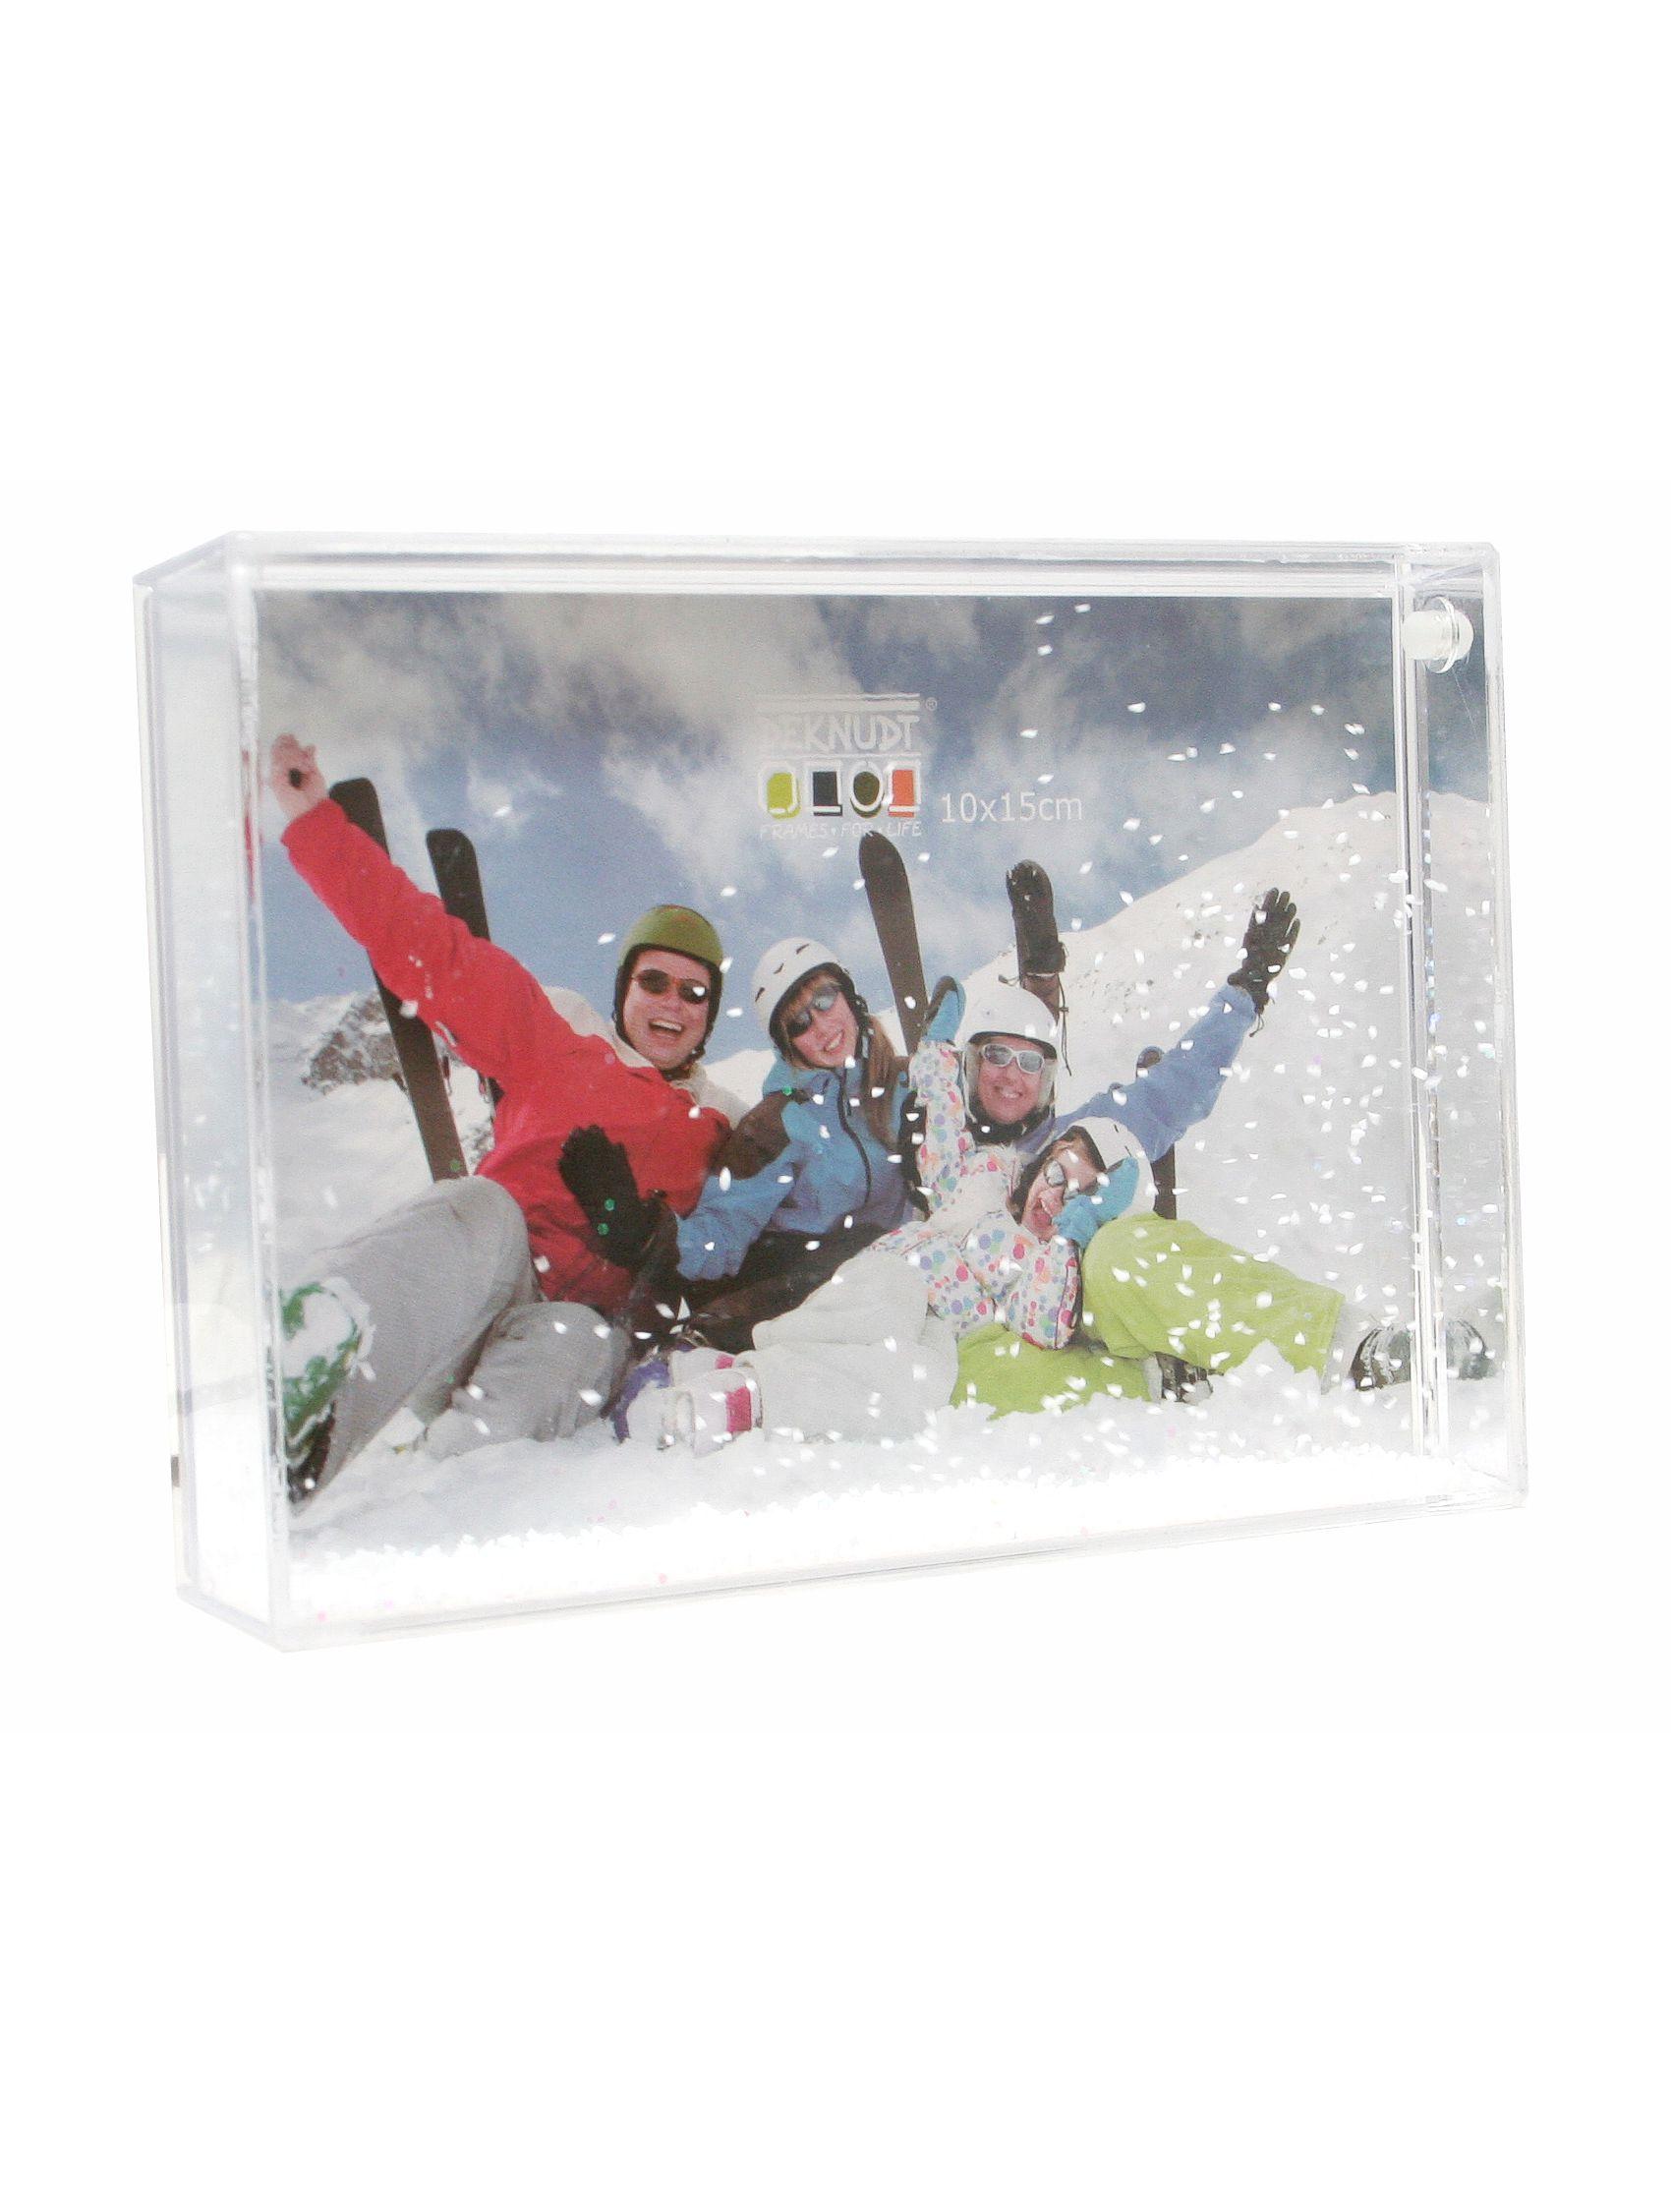 fotokader met sneeuw en glitter voor kerst, foto 10x15cm S66FD1